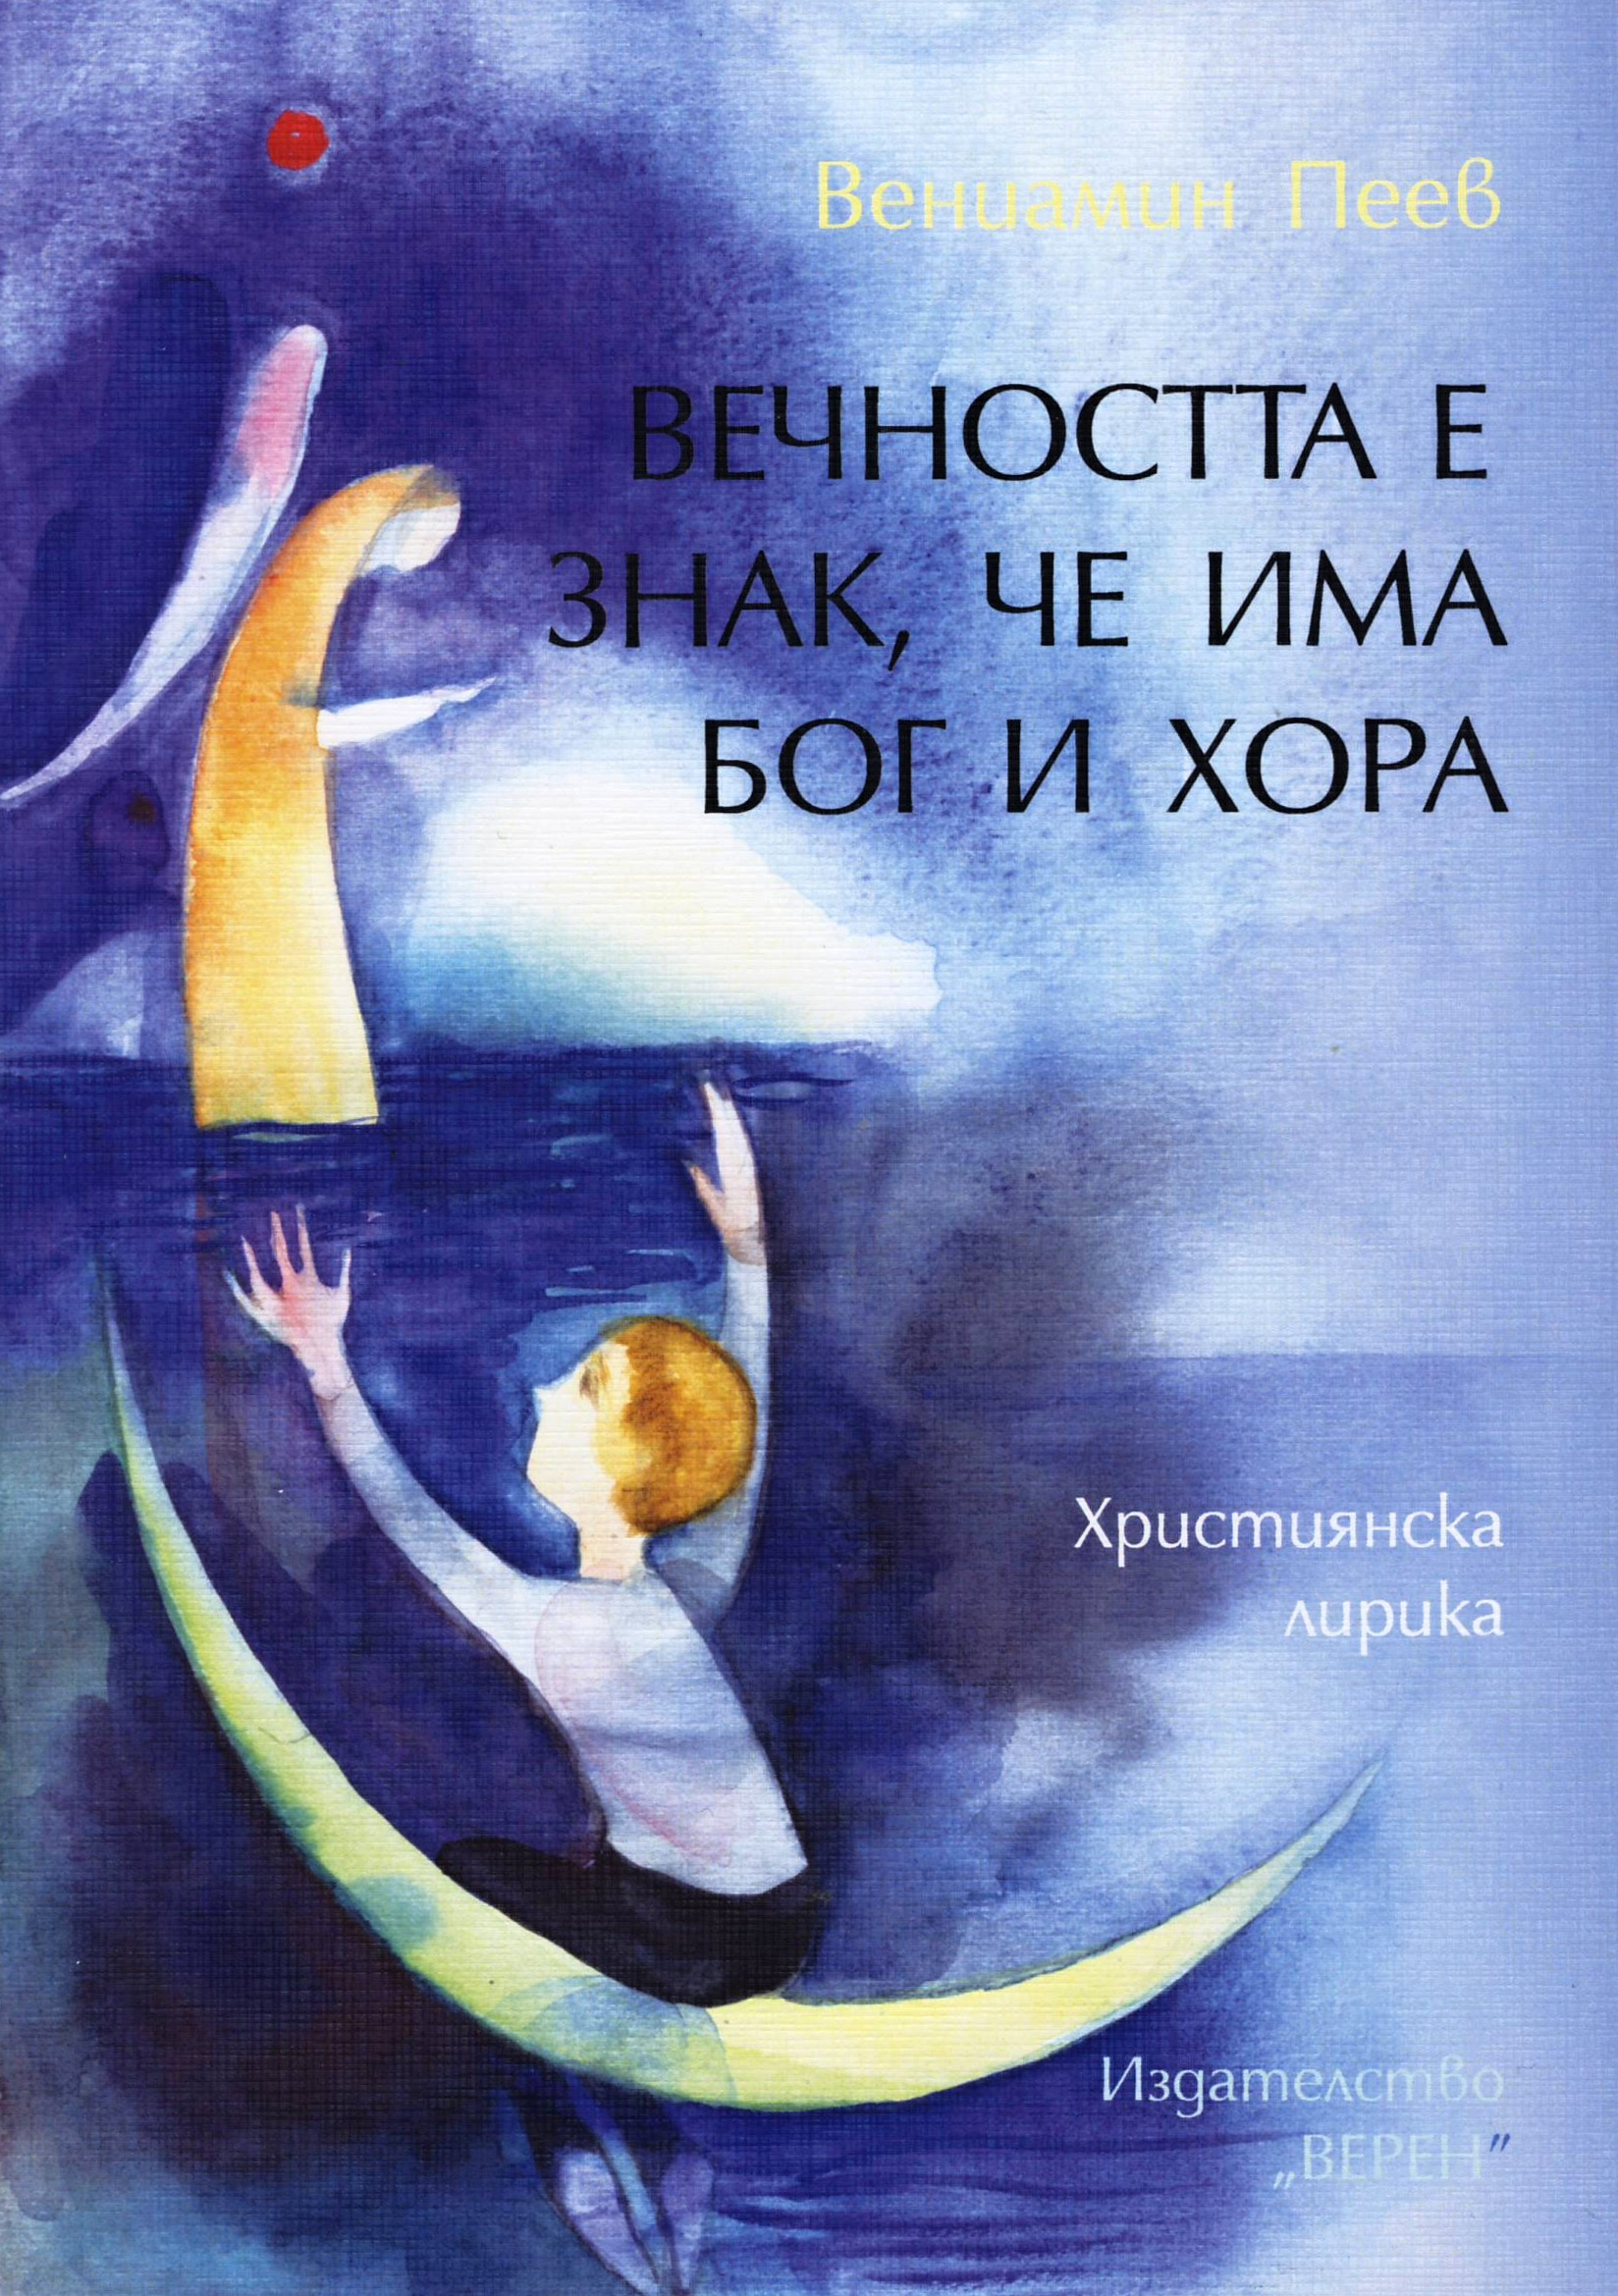 Вечността е знак, че има Бог и хора